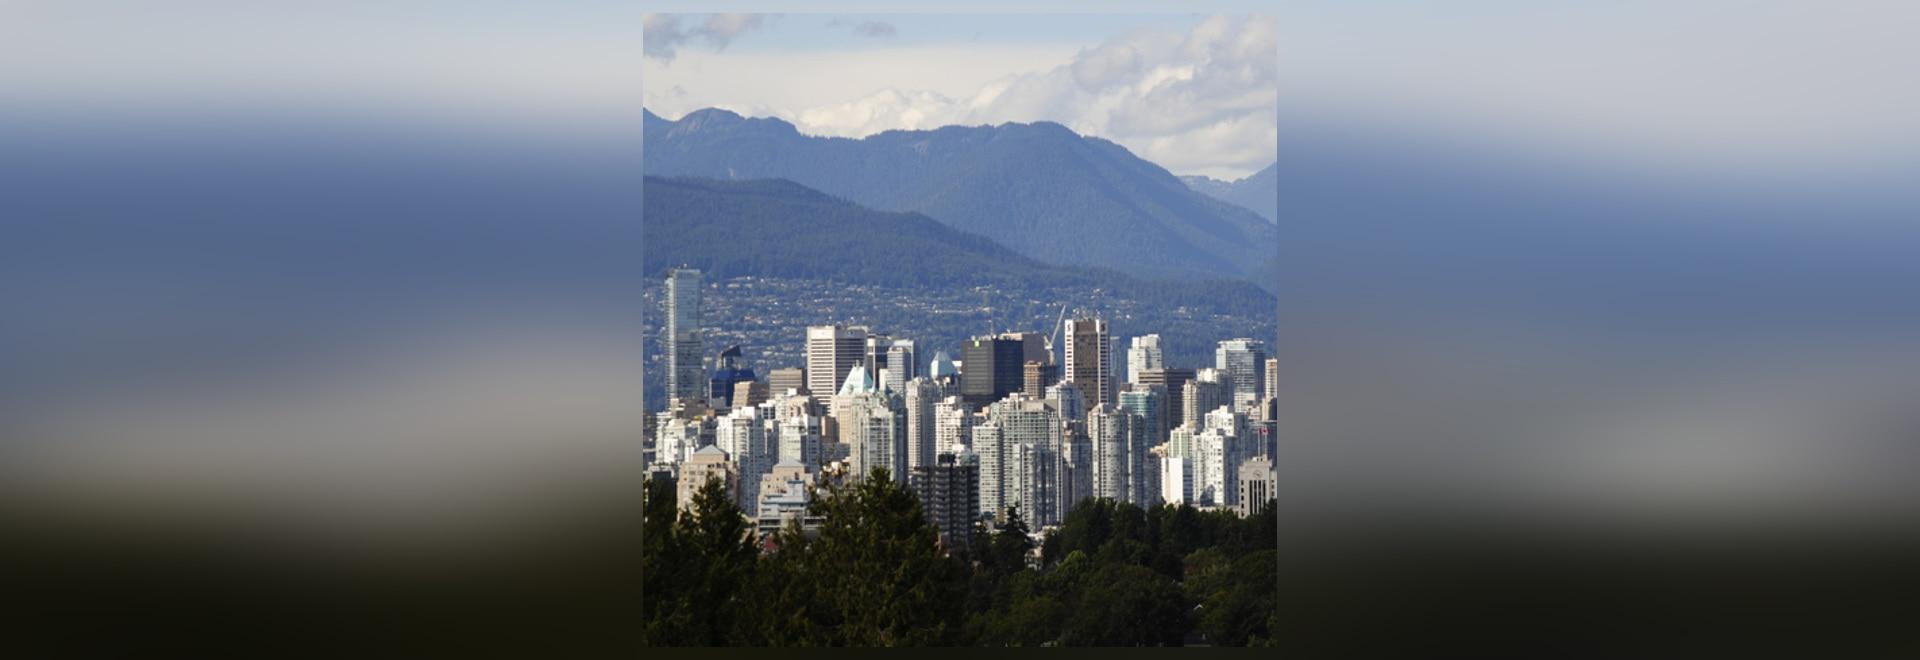 Estados Unidos, Canadá y México para reconocer a arquitectos de cada uno